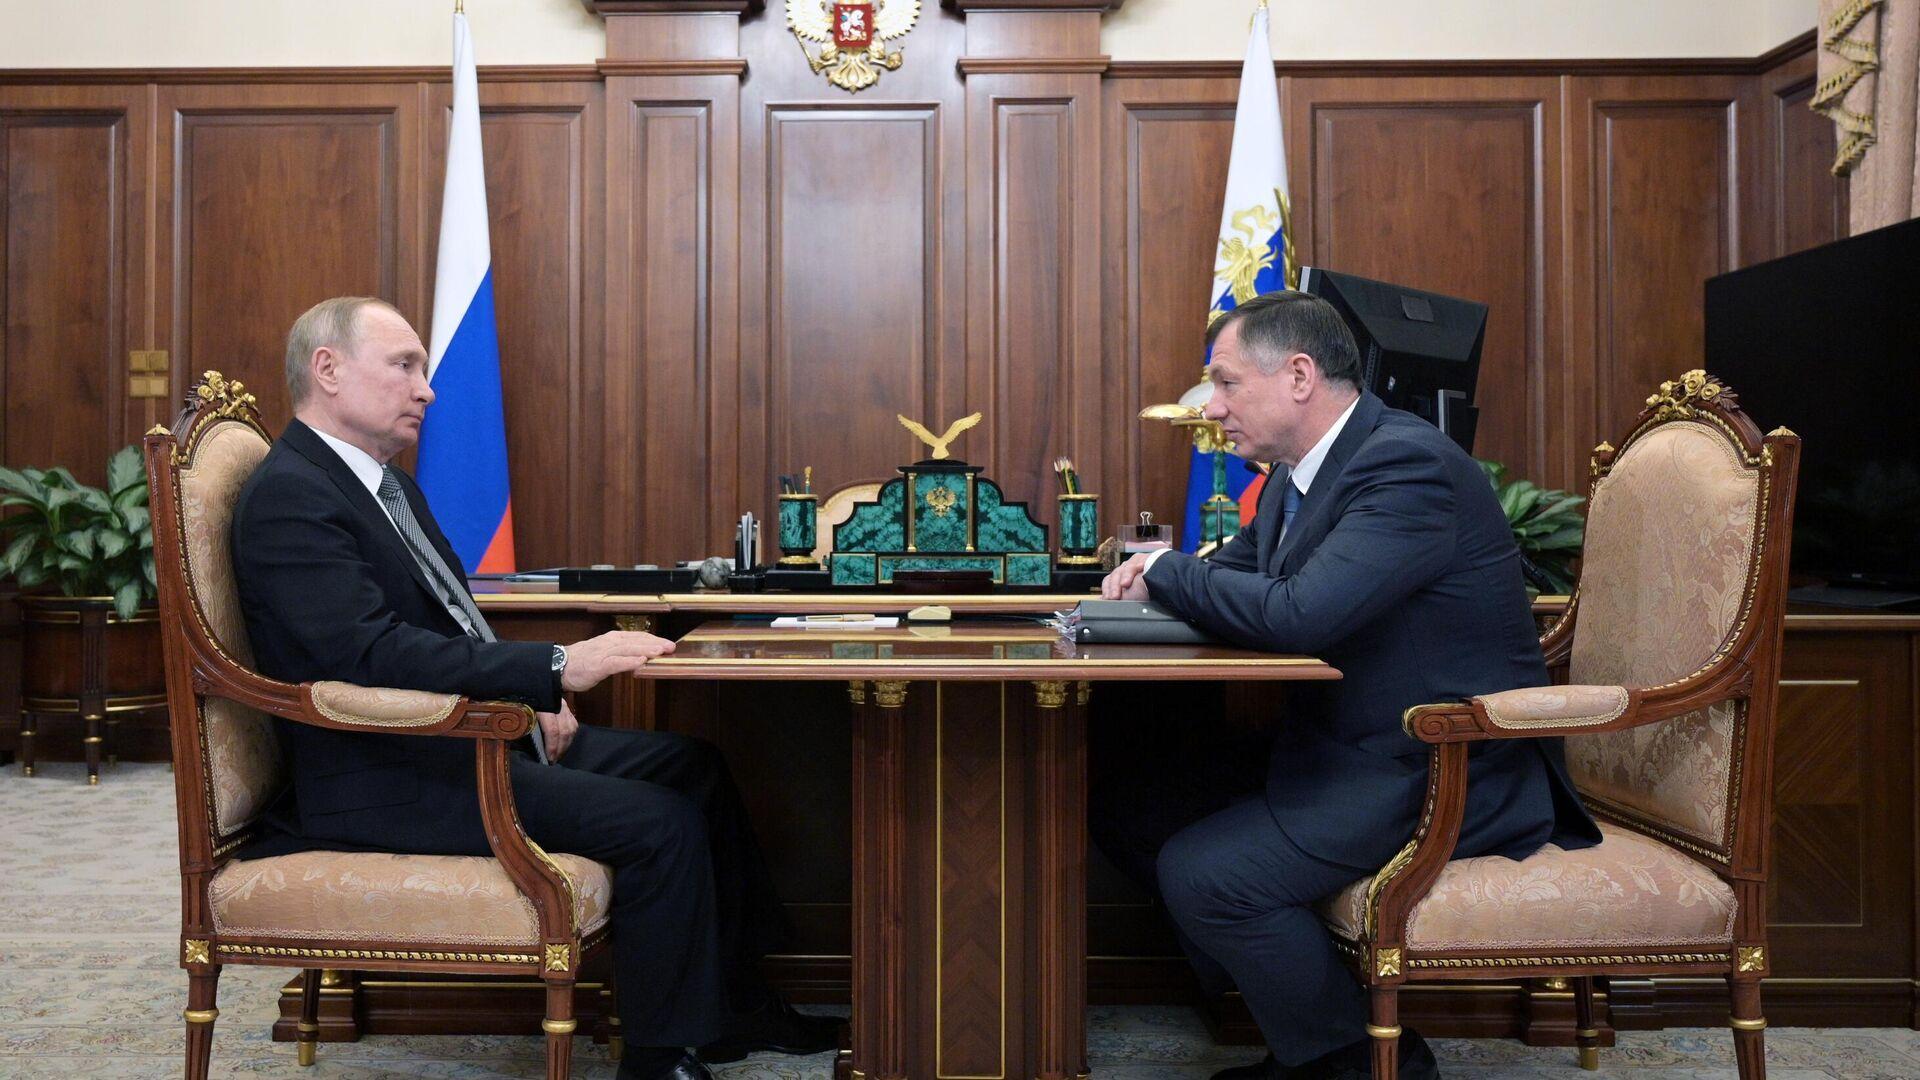 Путин проведет совещание с Хуснуллиным по водоснабжению Крыма